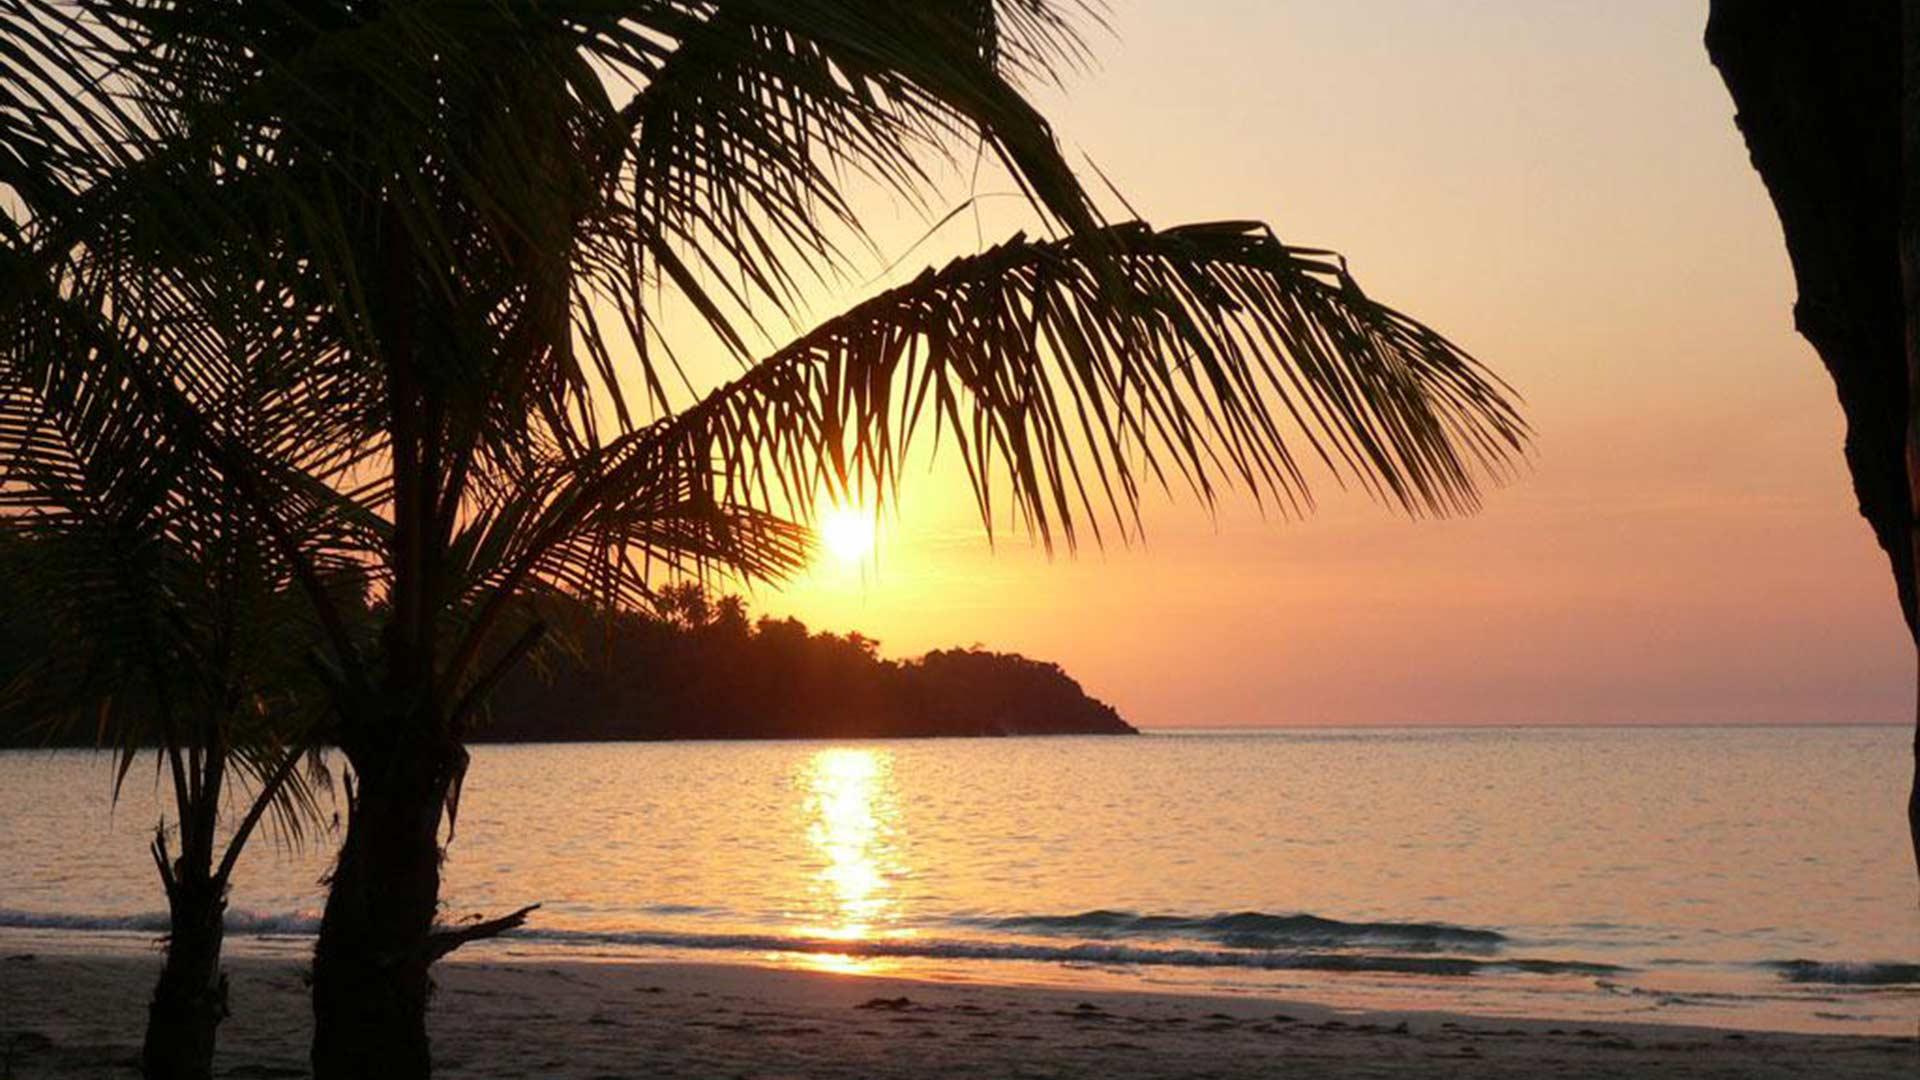 viajar-a-Samana-atardecer-playas-república-dominicana